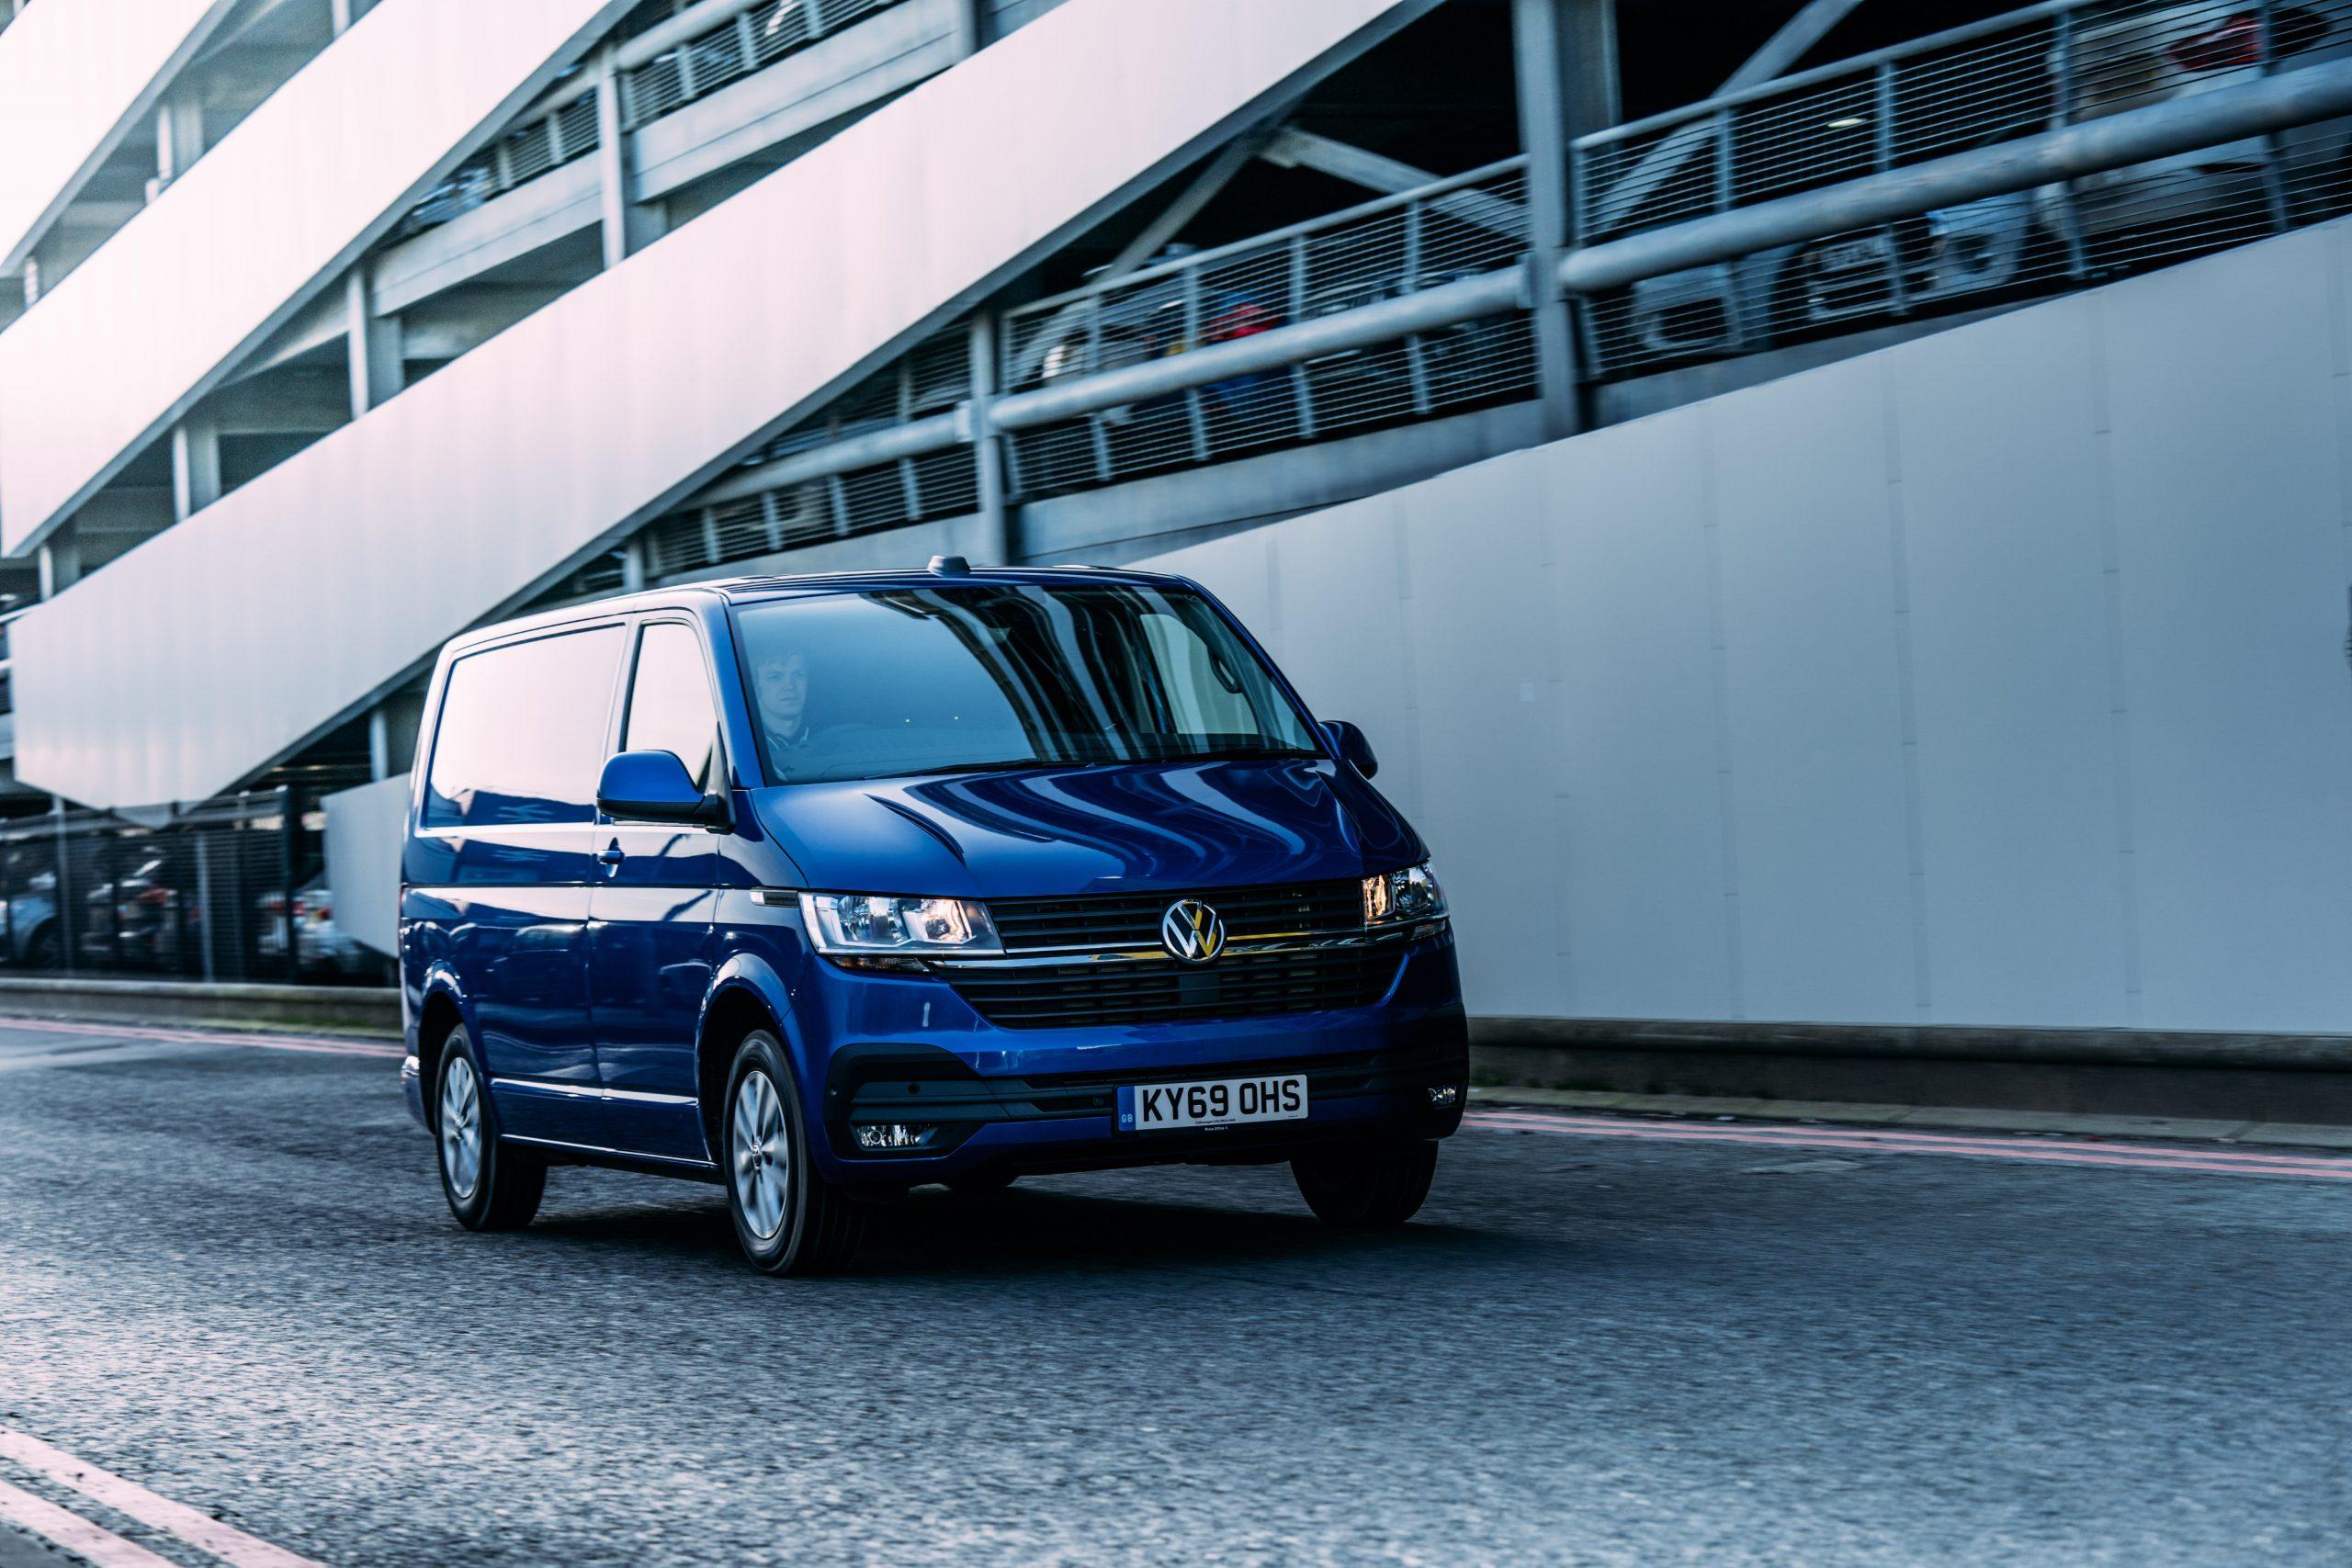 VW blue van travel motor